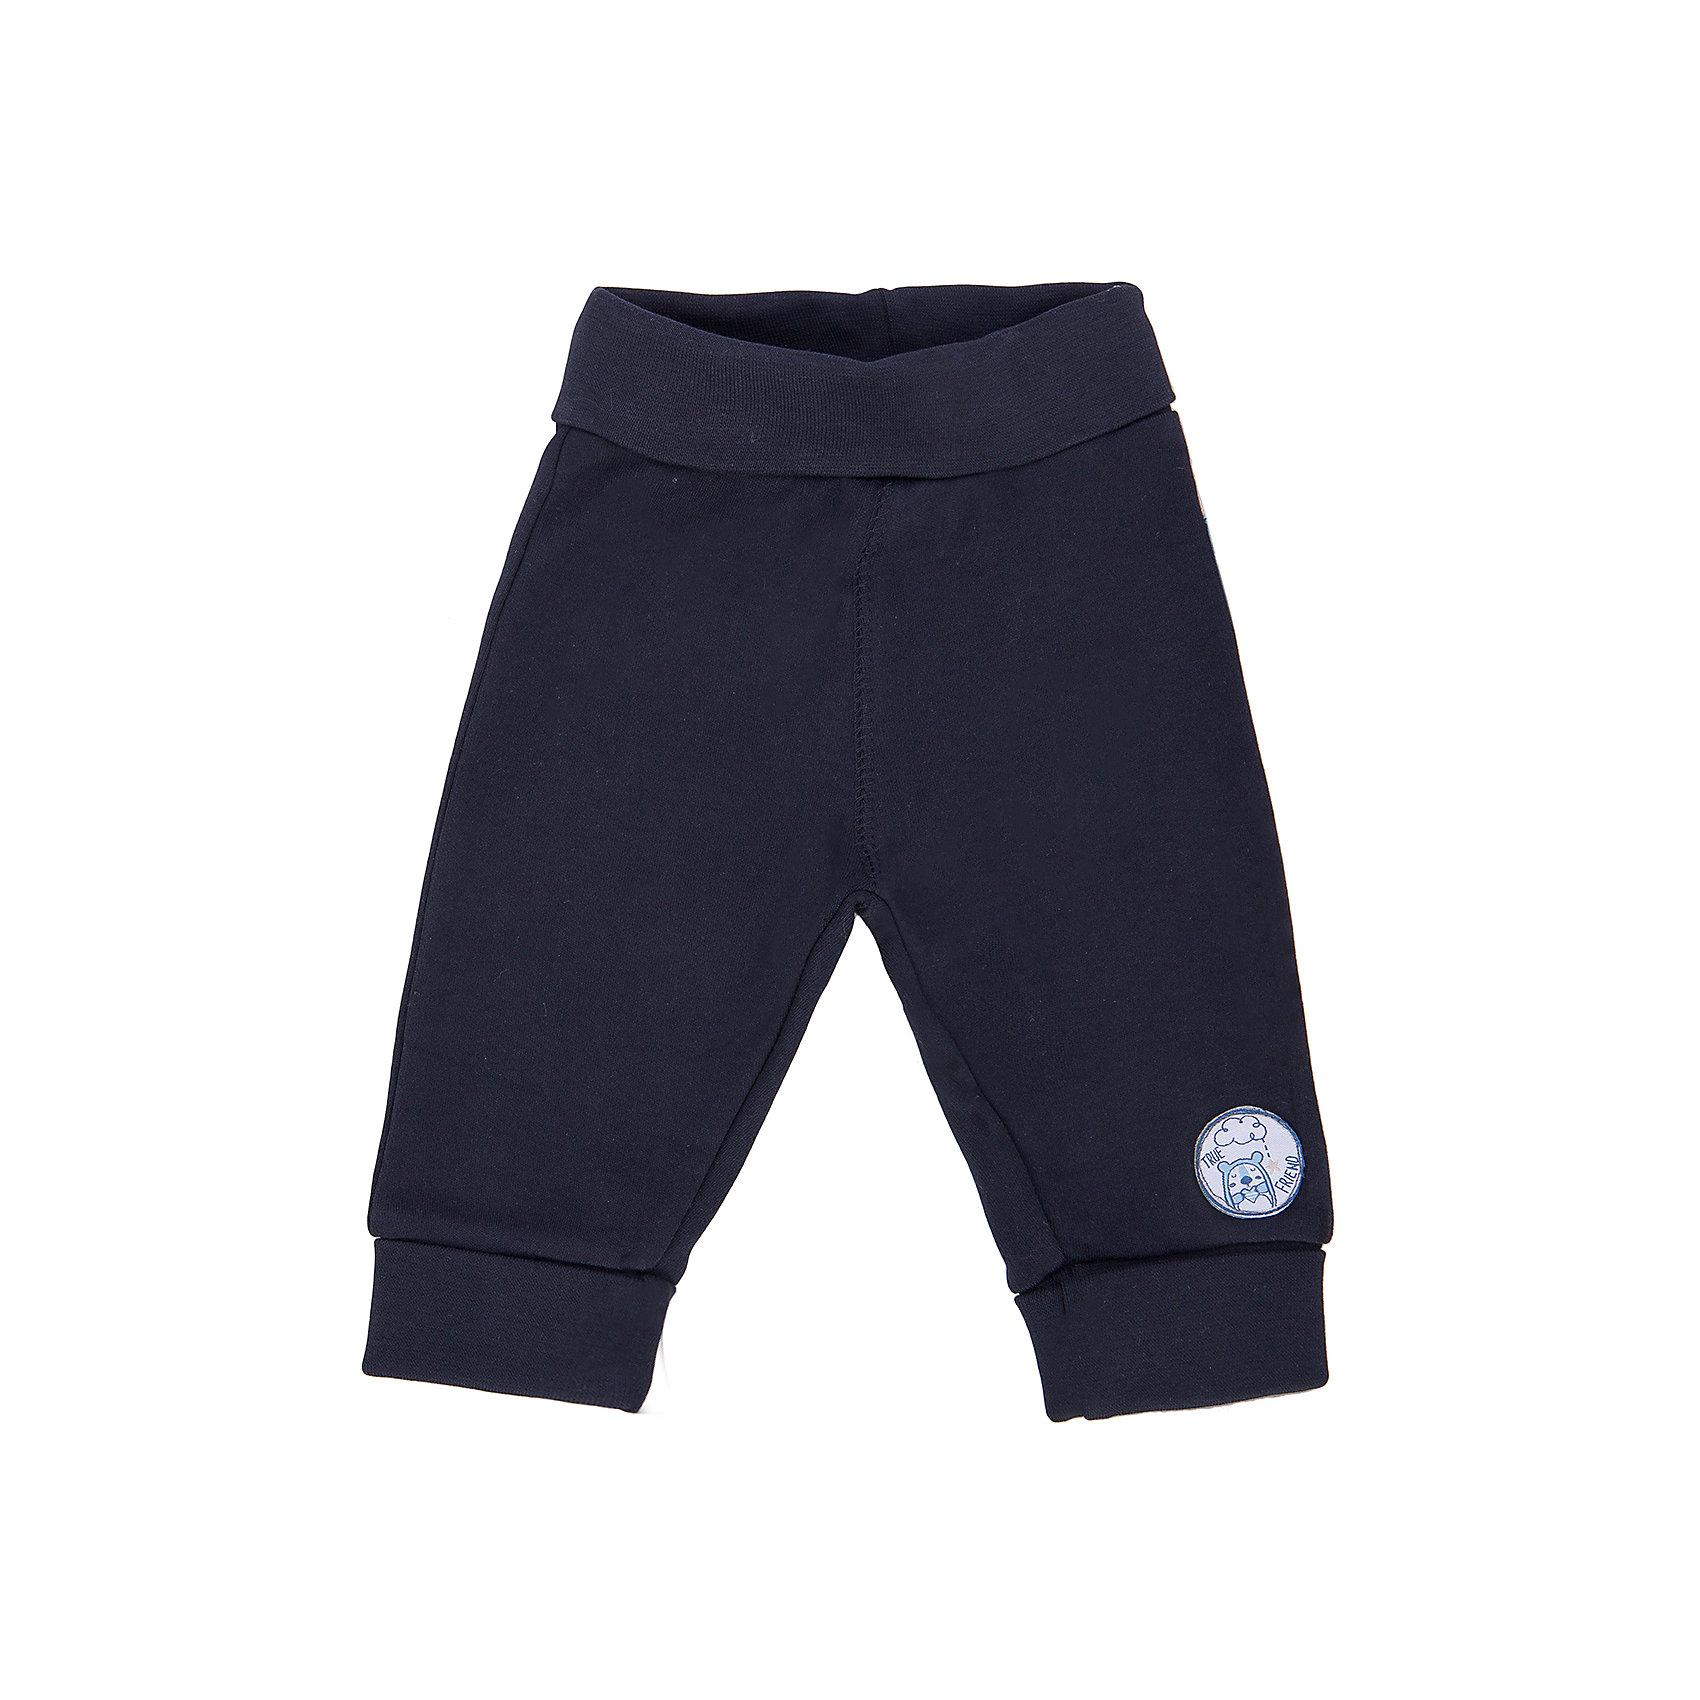 Брюки для мальчика BLUE SEVENДжинсы и брючки<br>Брюки для мальчика Blue Seven. <br>Состав: 100% хлопок<br><br>Ширина мм: 215<br>Глубина мм: 88<br>Высота мм: 191<br>Вес г: 336<br>Цвет: синий<br>Возраст от месяцев: 0<br>Возраст до месяцев: 3<br>Пол: Мужской<br>Возраст: Детский<br>Размер: 56,68,62<br>SKU: 4030757